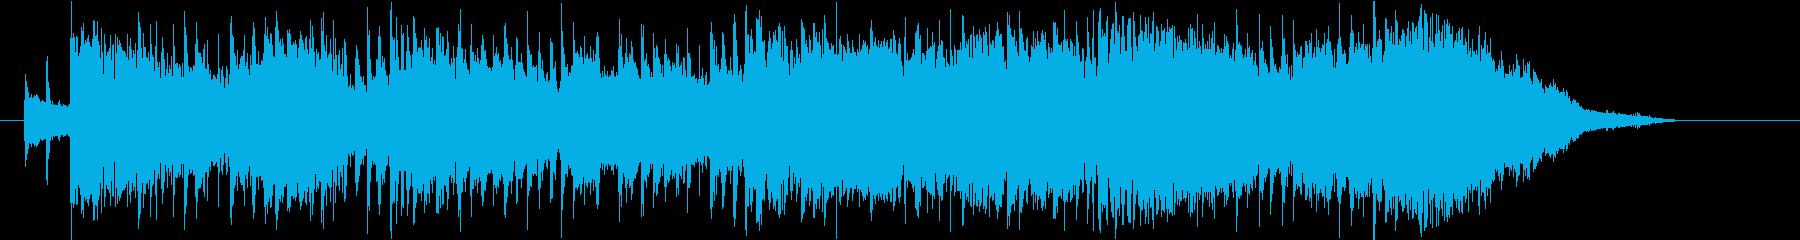 オリエンタルなテクノポップの再生済みの波形